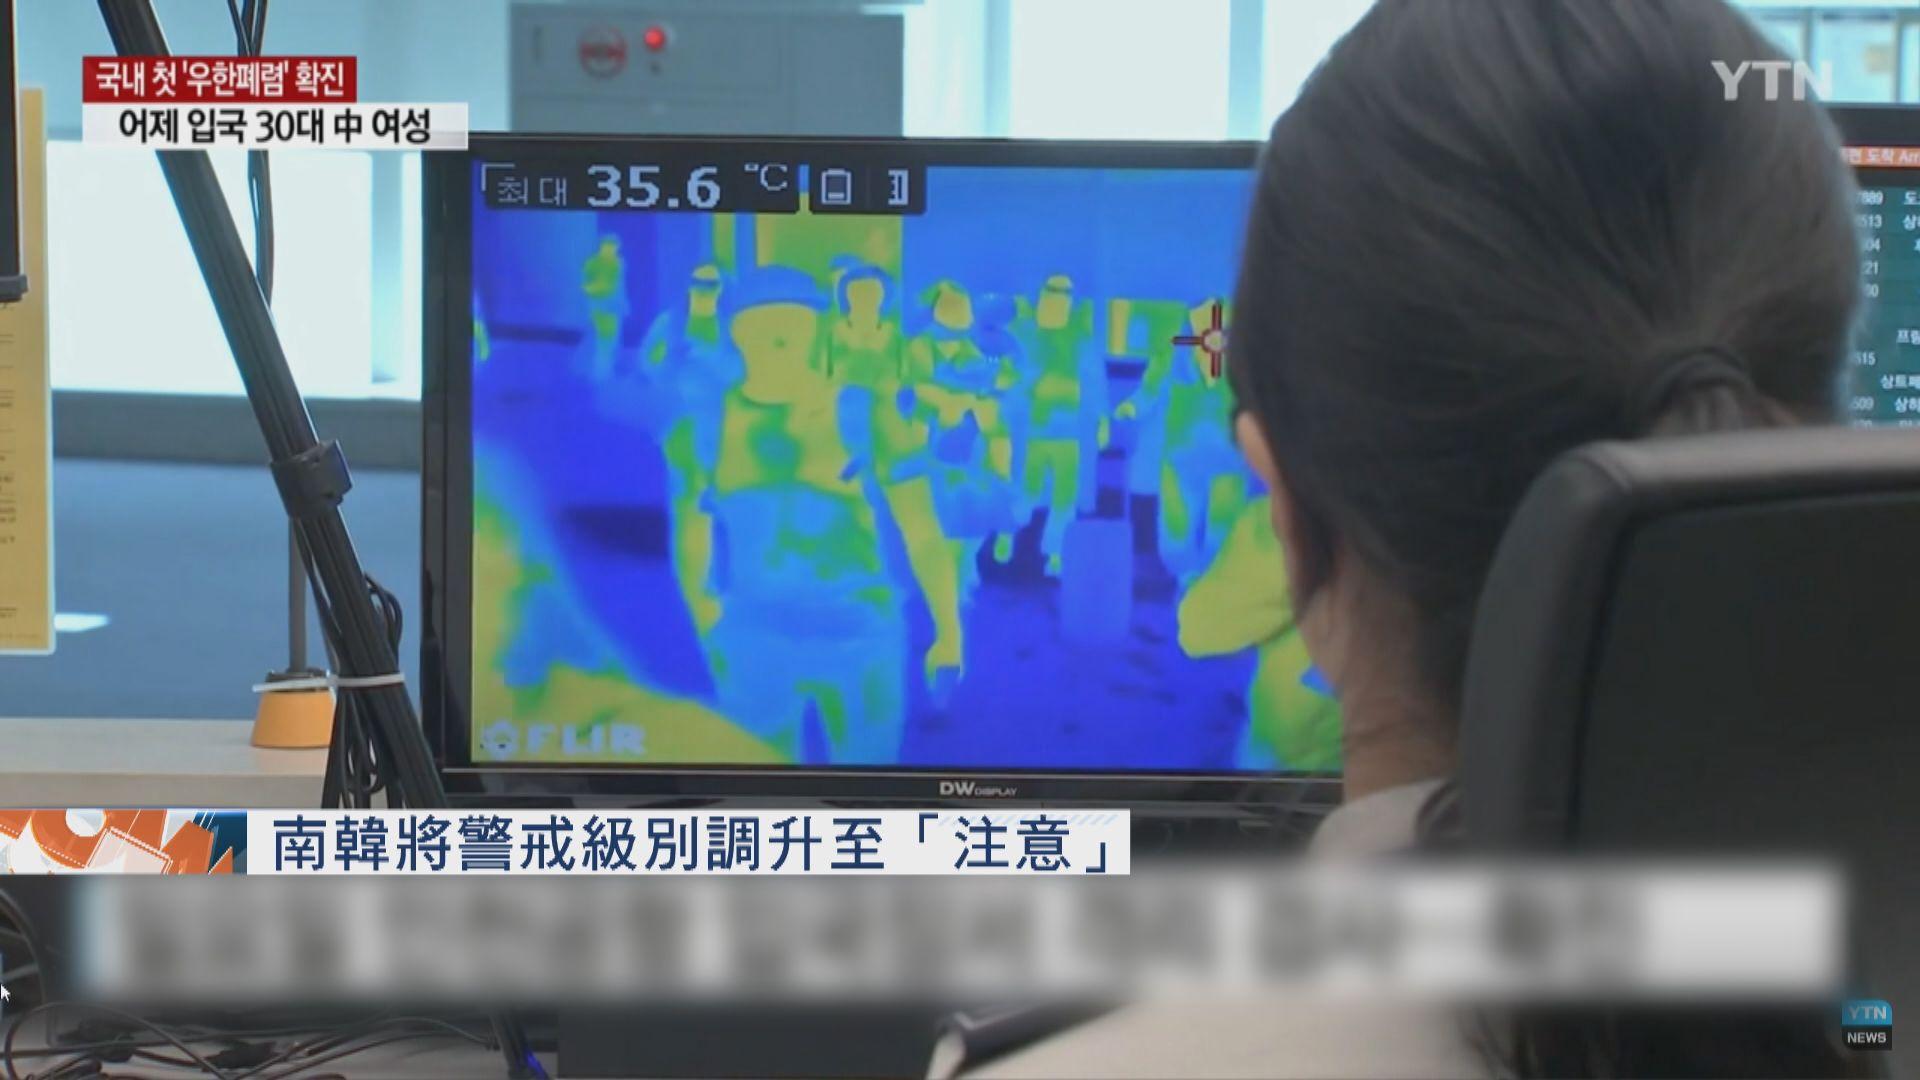 南韓首現武漢肺炎確診個案 將警戒級別調升至「注意」